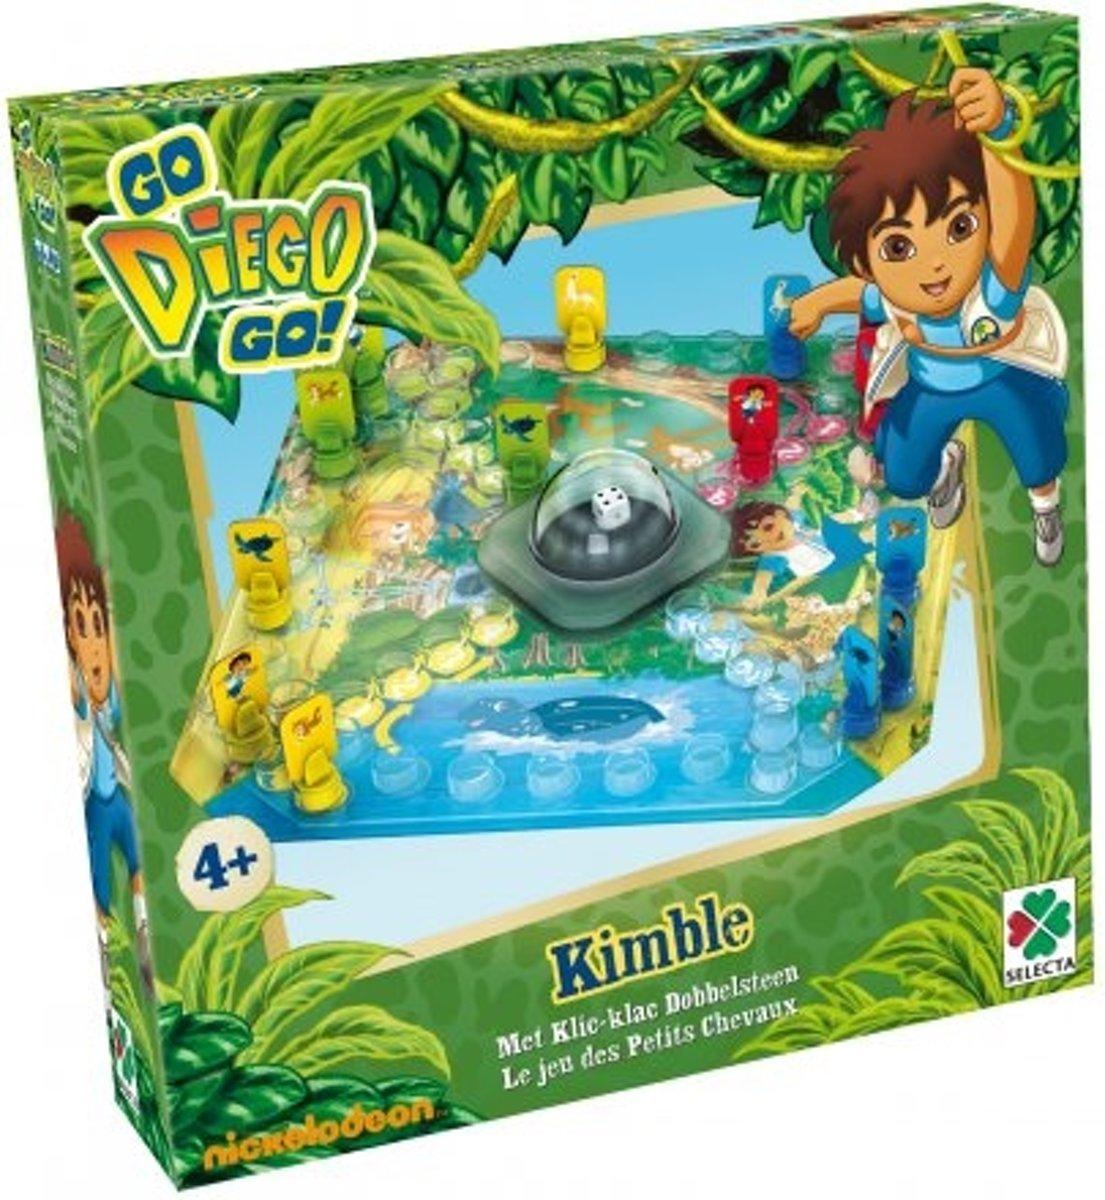 Diego Kimble - Kinderspel